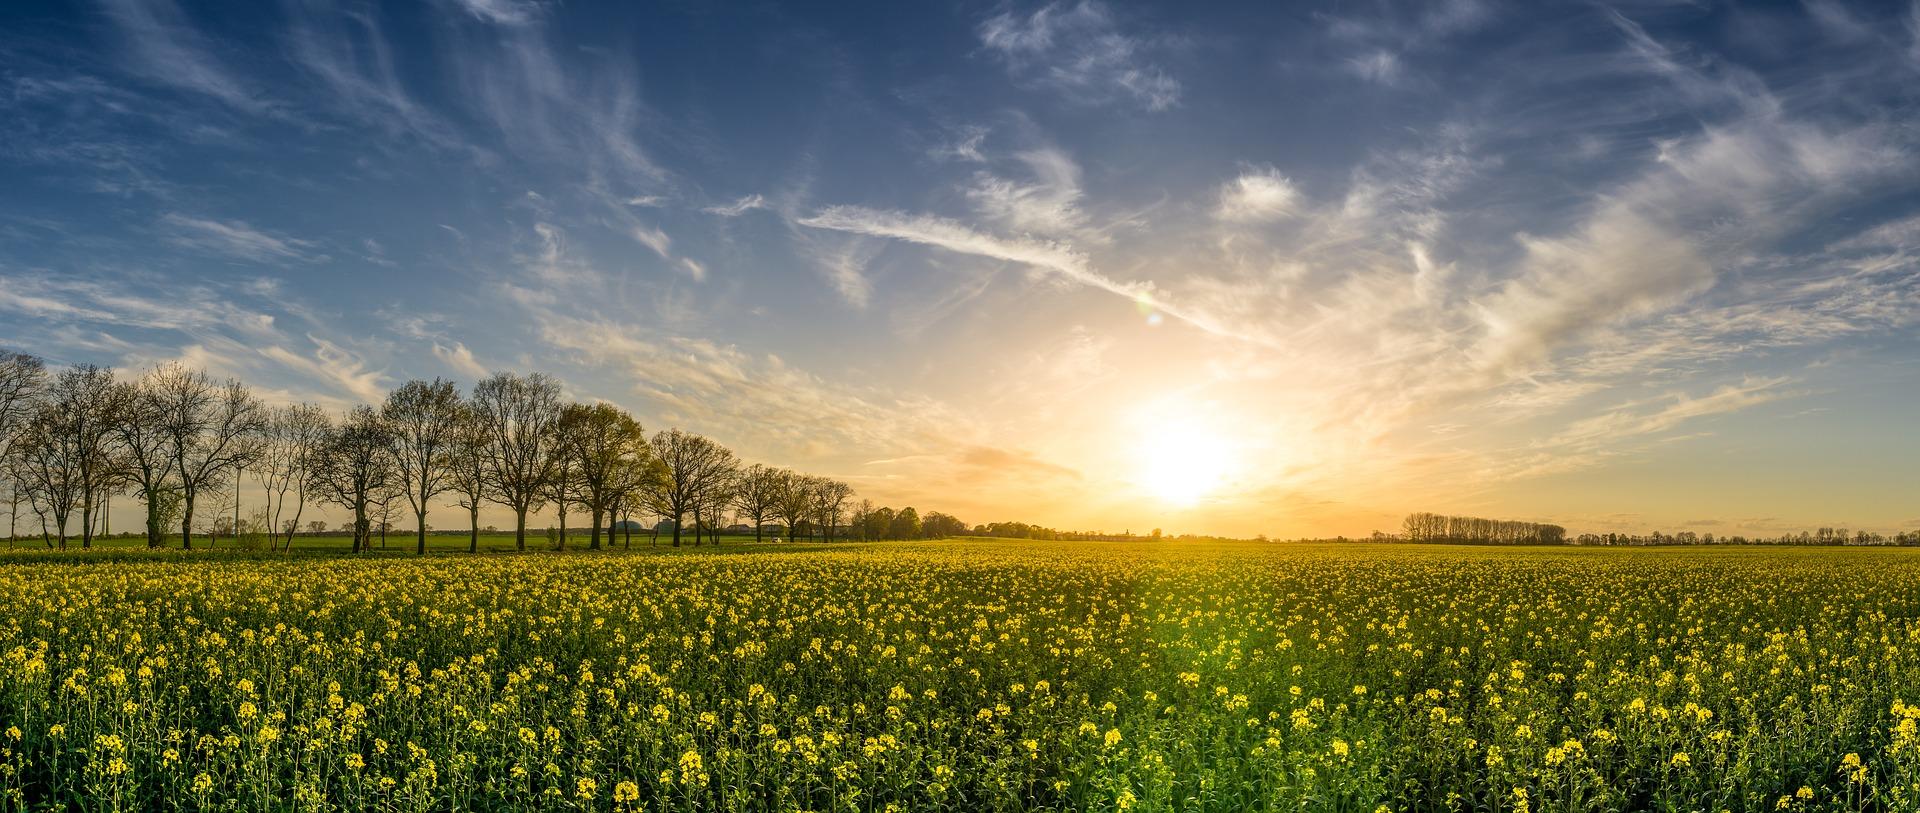 oilseed rape 2135026 1920 - Nad morzem i na wsi - idealna szóstka definiująca wypoczynek